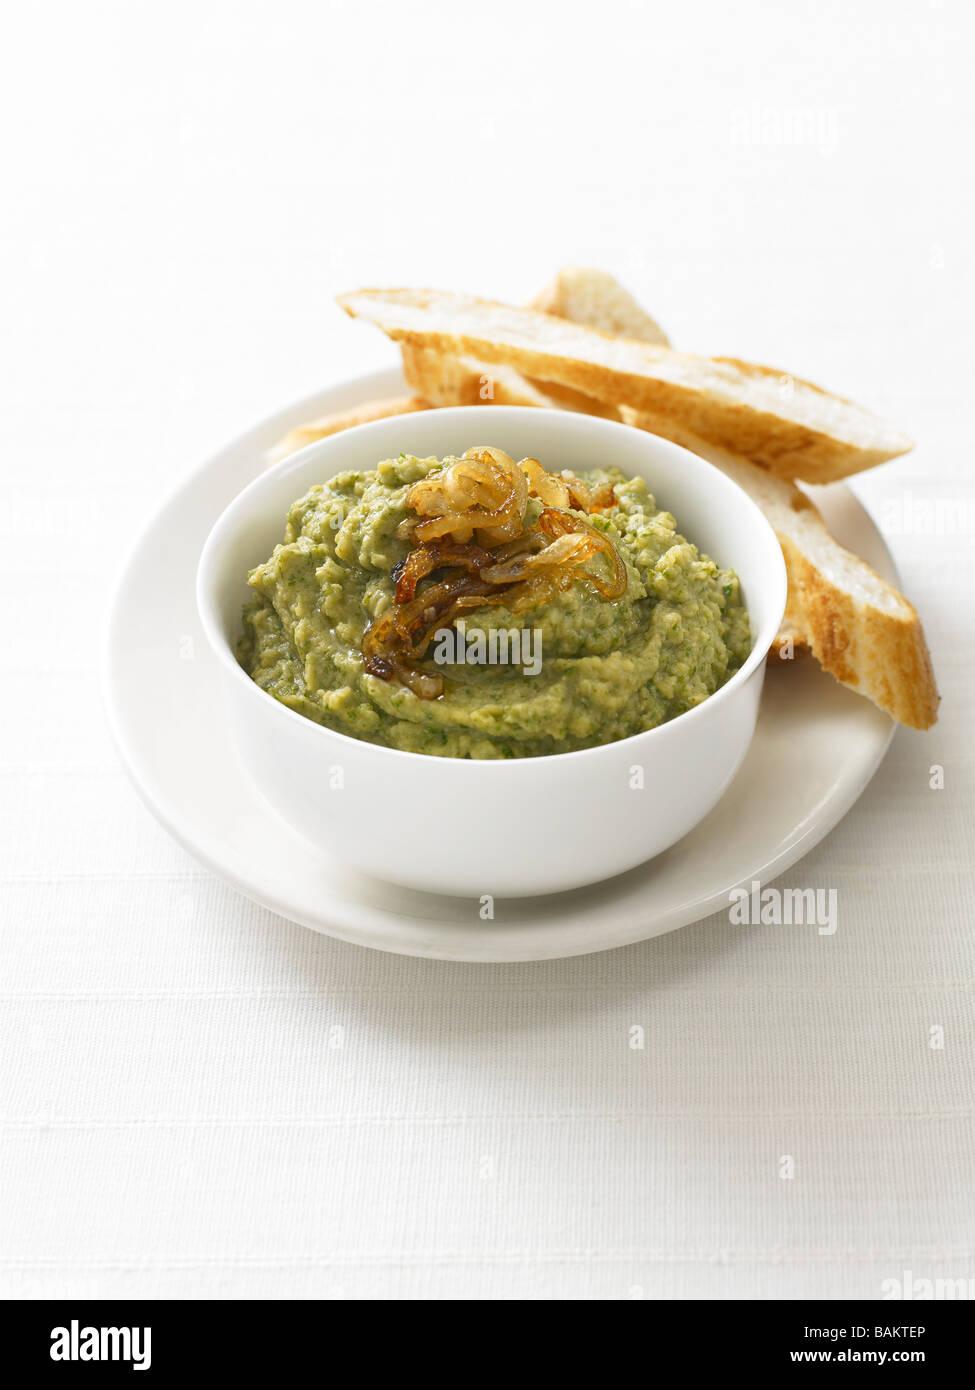 Broad Bean Puree - Stock Image